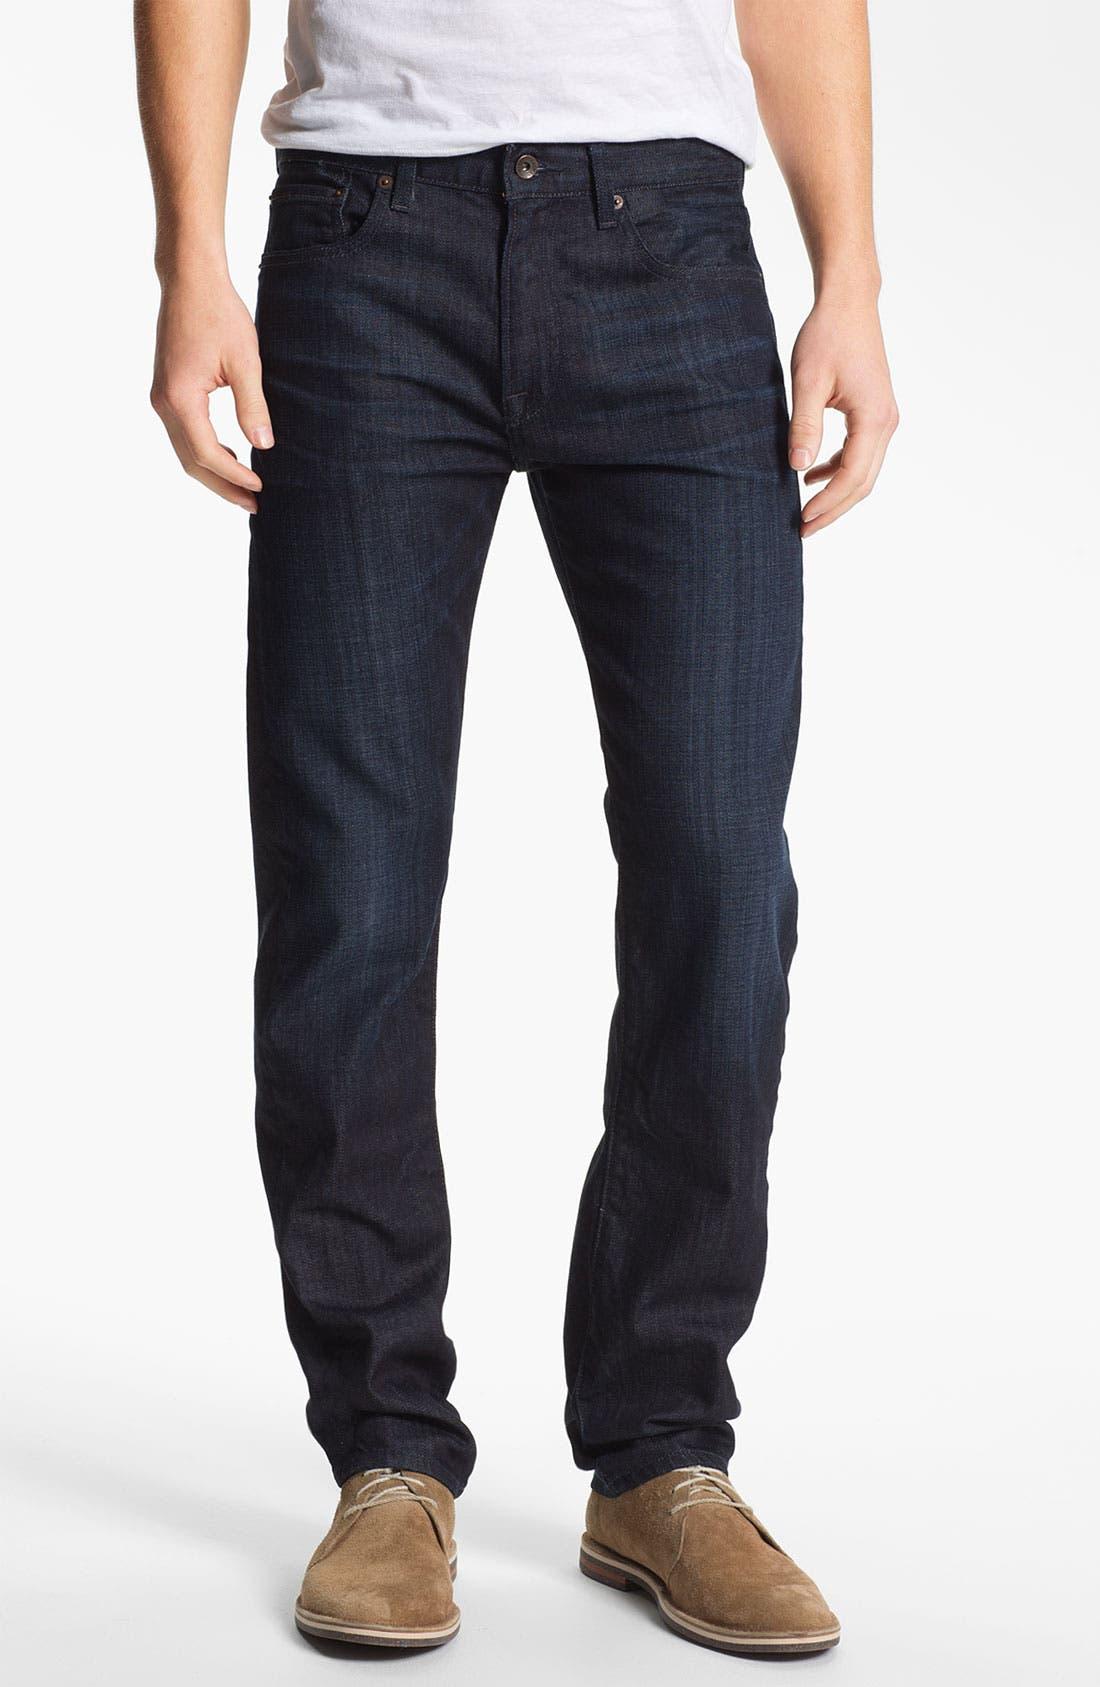 Main Image - Lucky Brand 'Dean' Straight Leg Jeans (Dark Kingston) (Online Only)